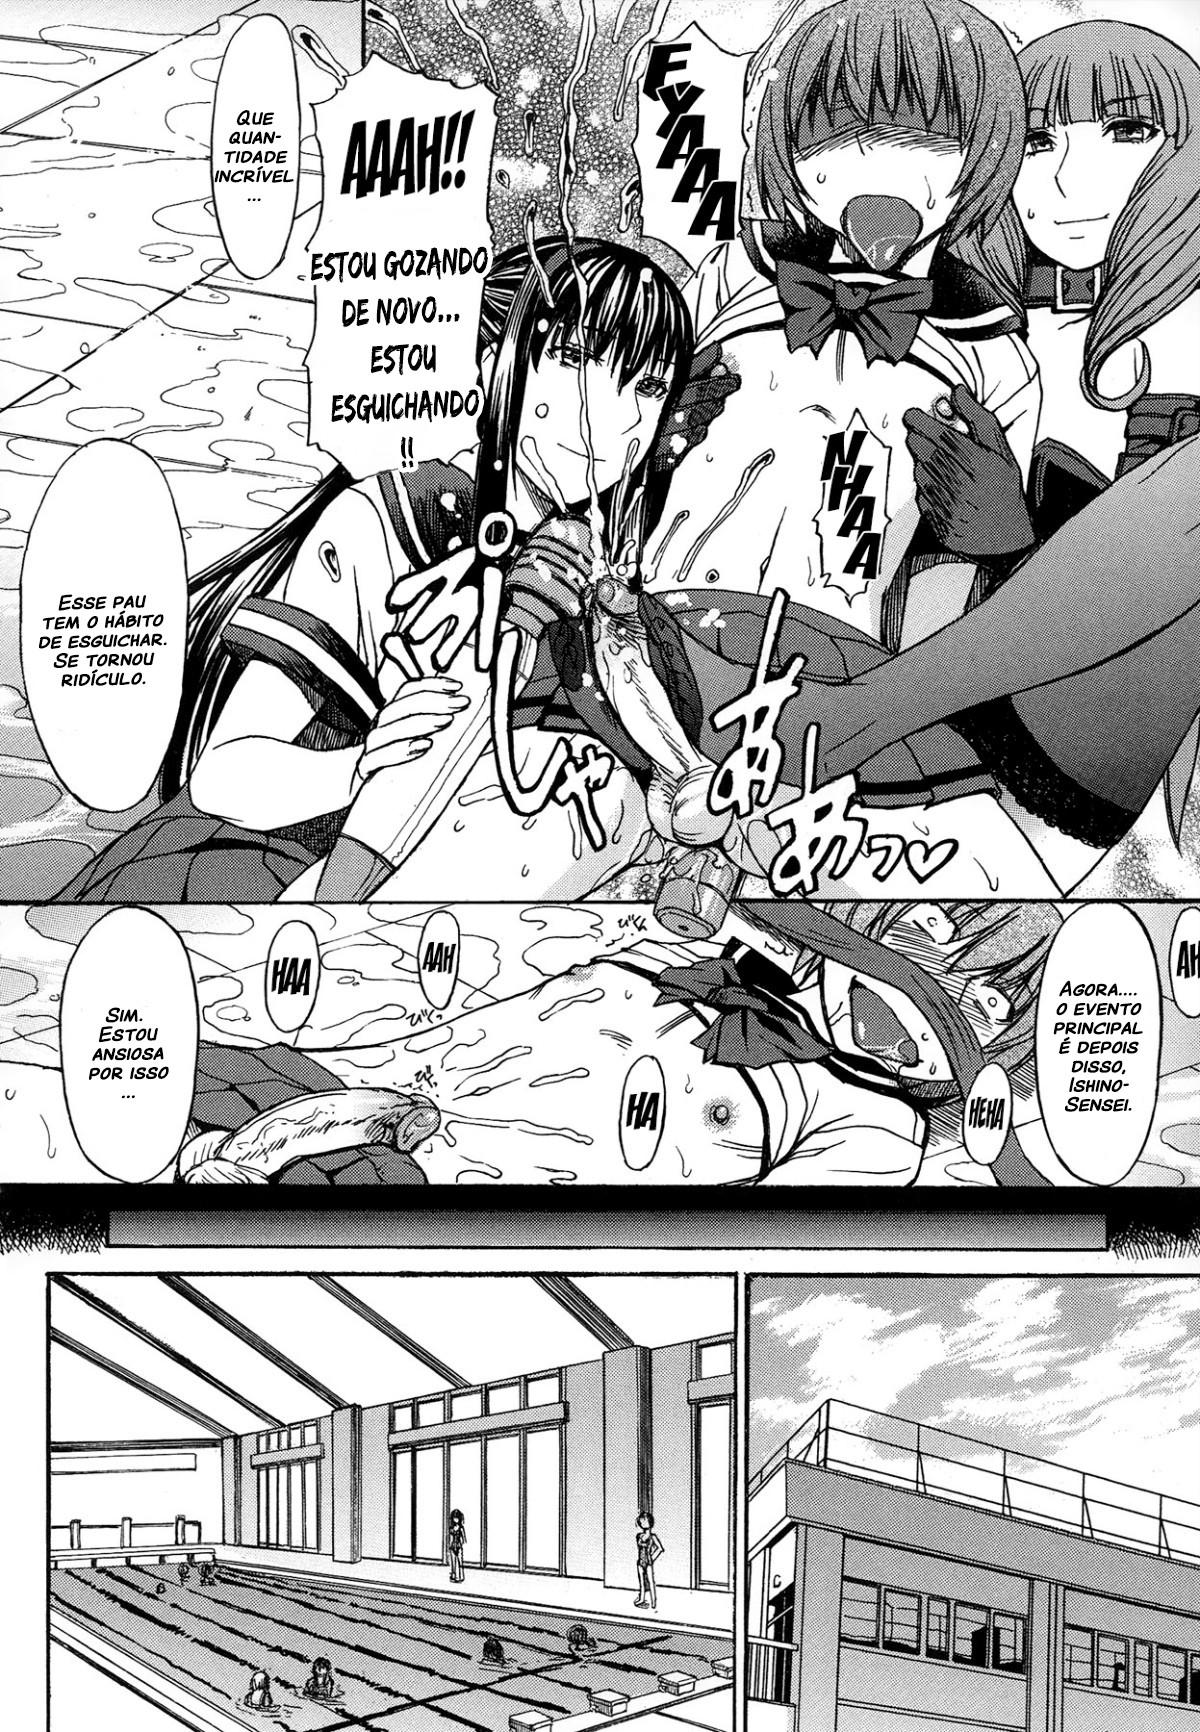 Ashigami Capitulo 3 - pagina 4